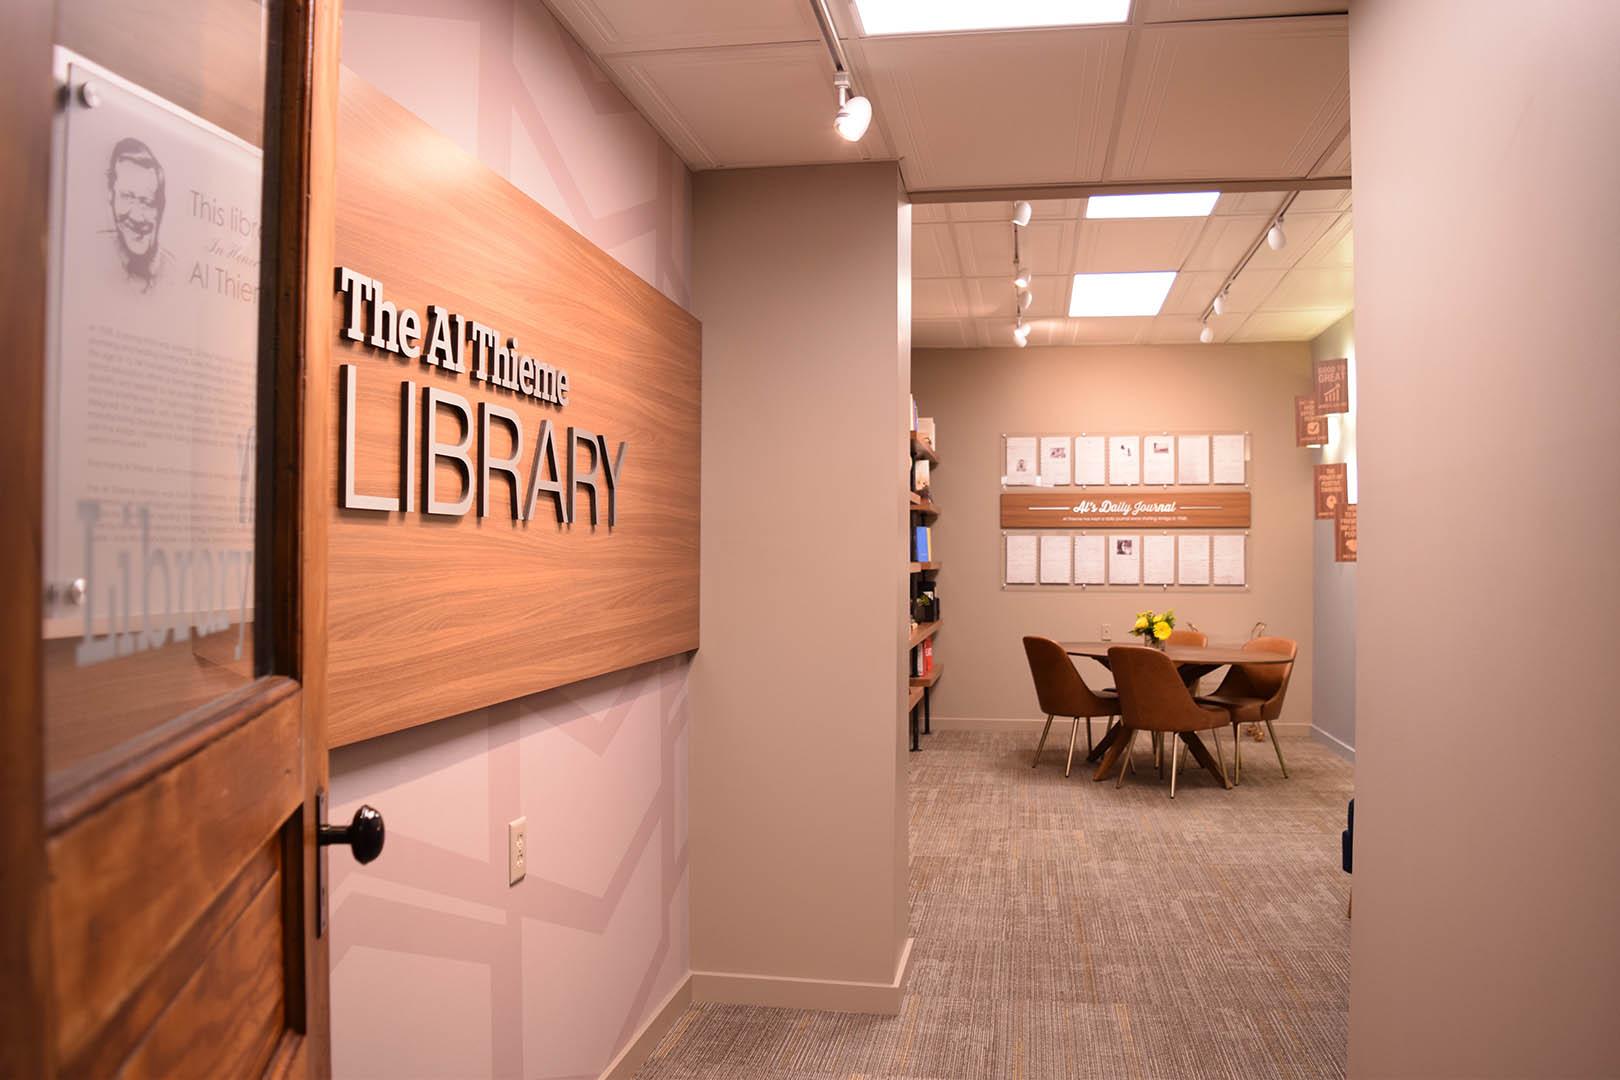 Amigo Library